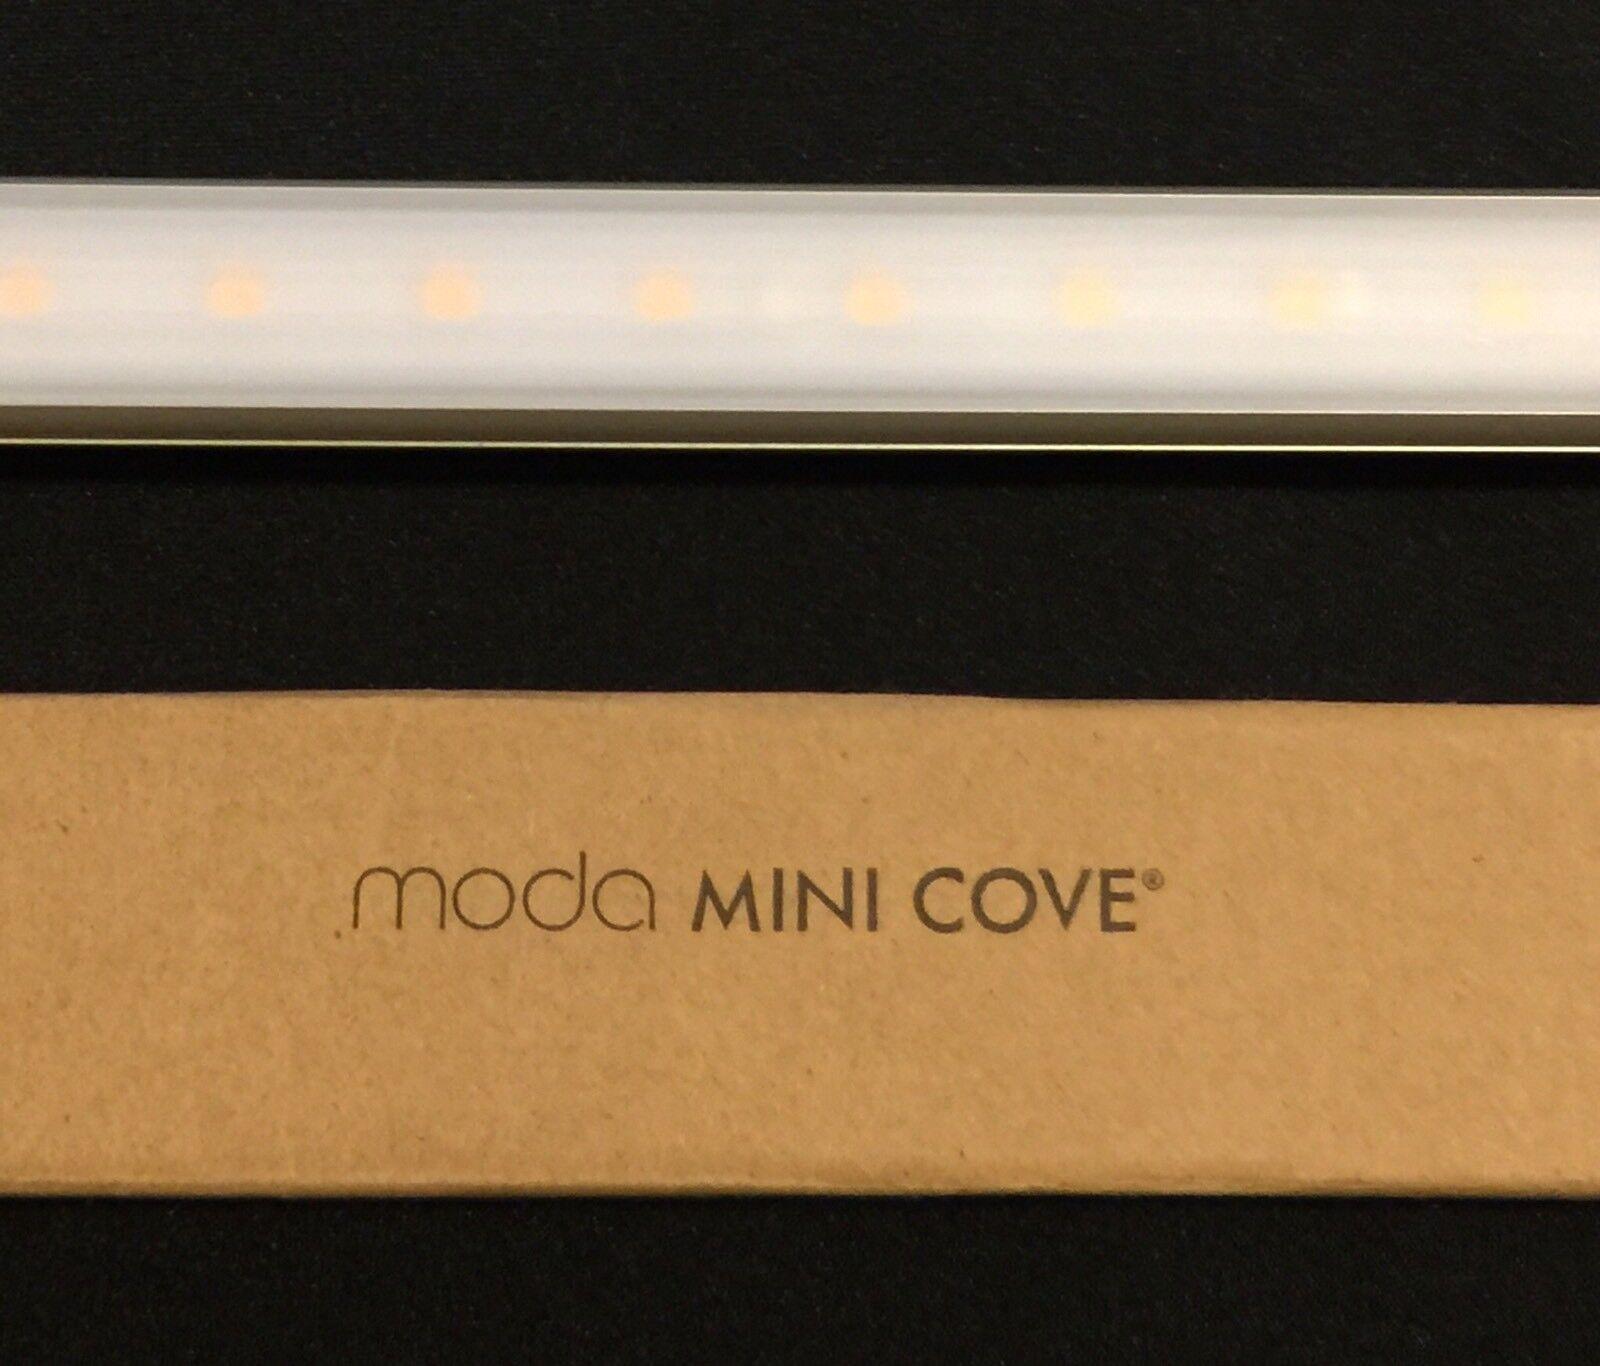 ModaLight 4' Moda Mini Graze Mini Cove Premium LED Linkable Bar Light Fixture